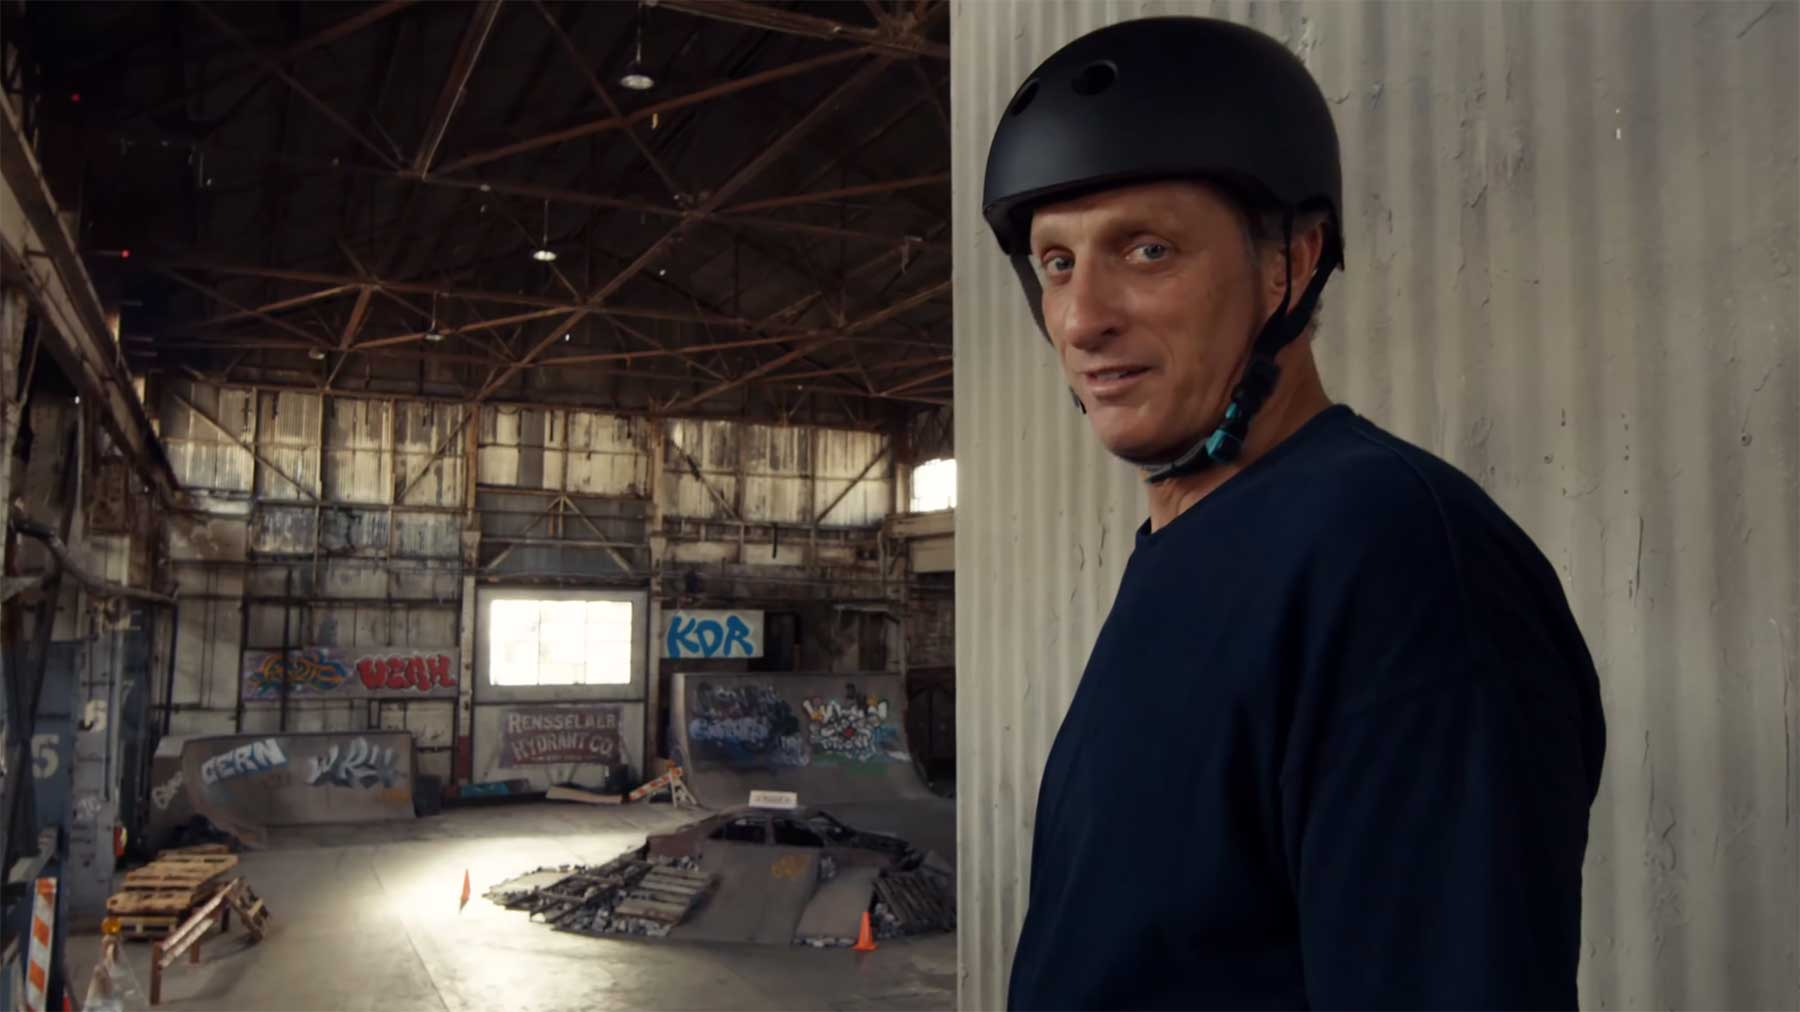 """Das Warehouse-Level aus """"Tony Hawk's Pro Skater"""" in echt nachgebaut tony-hawk-lagerhalle-level-nachgebaut"""